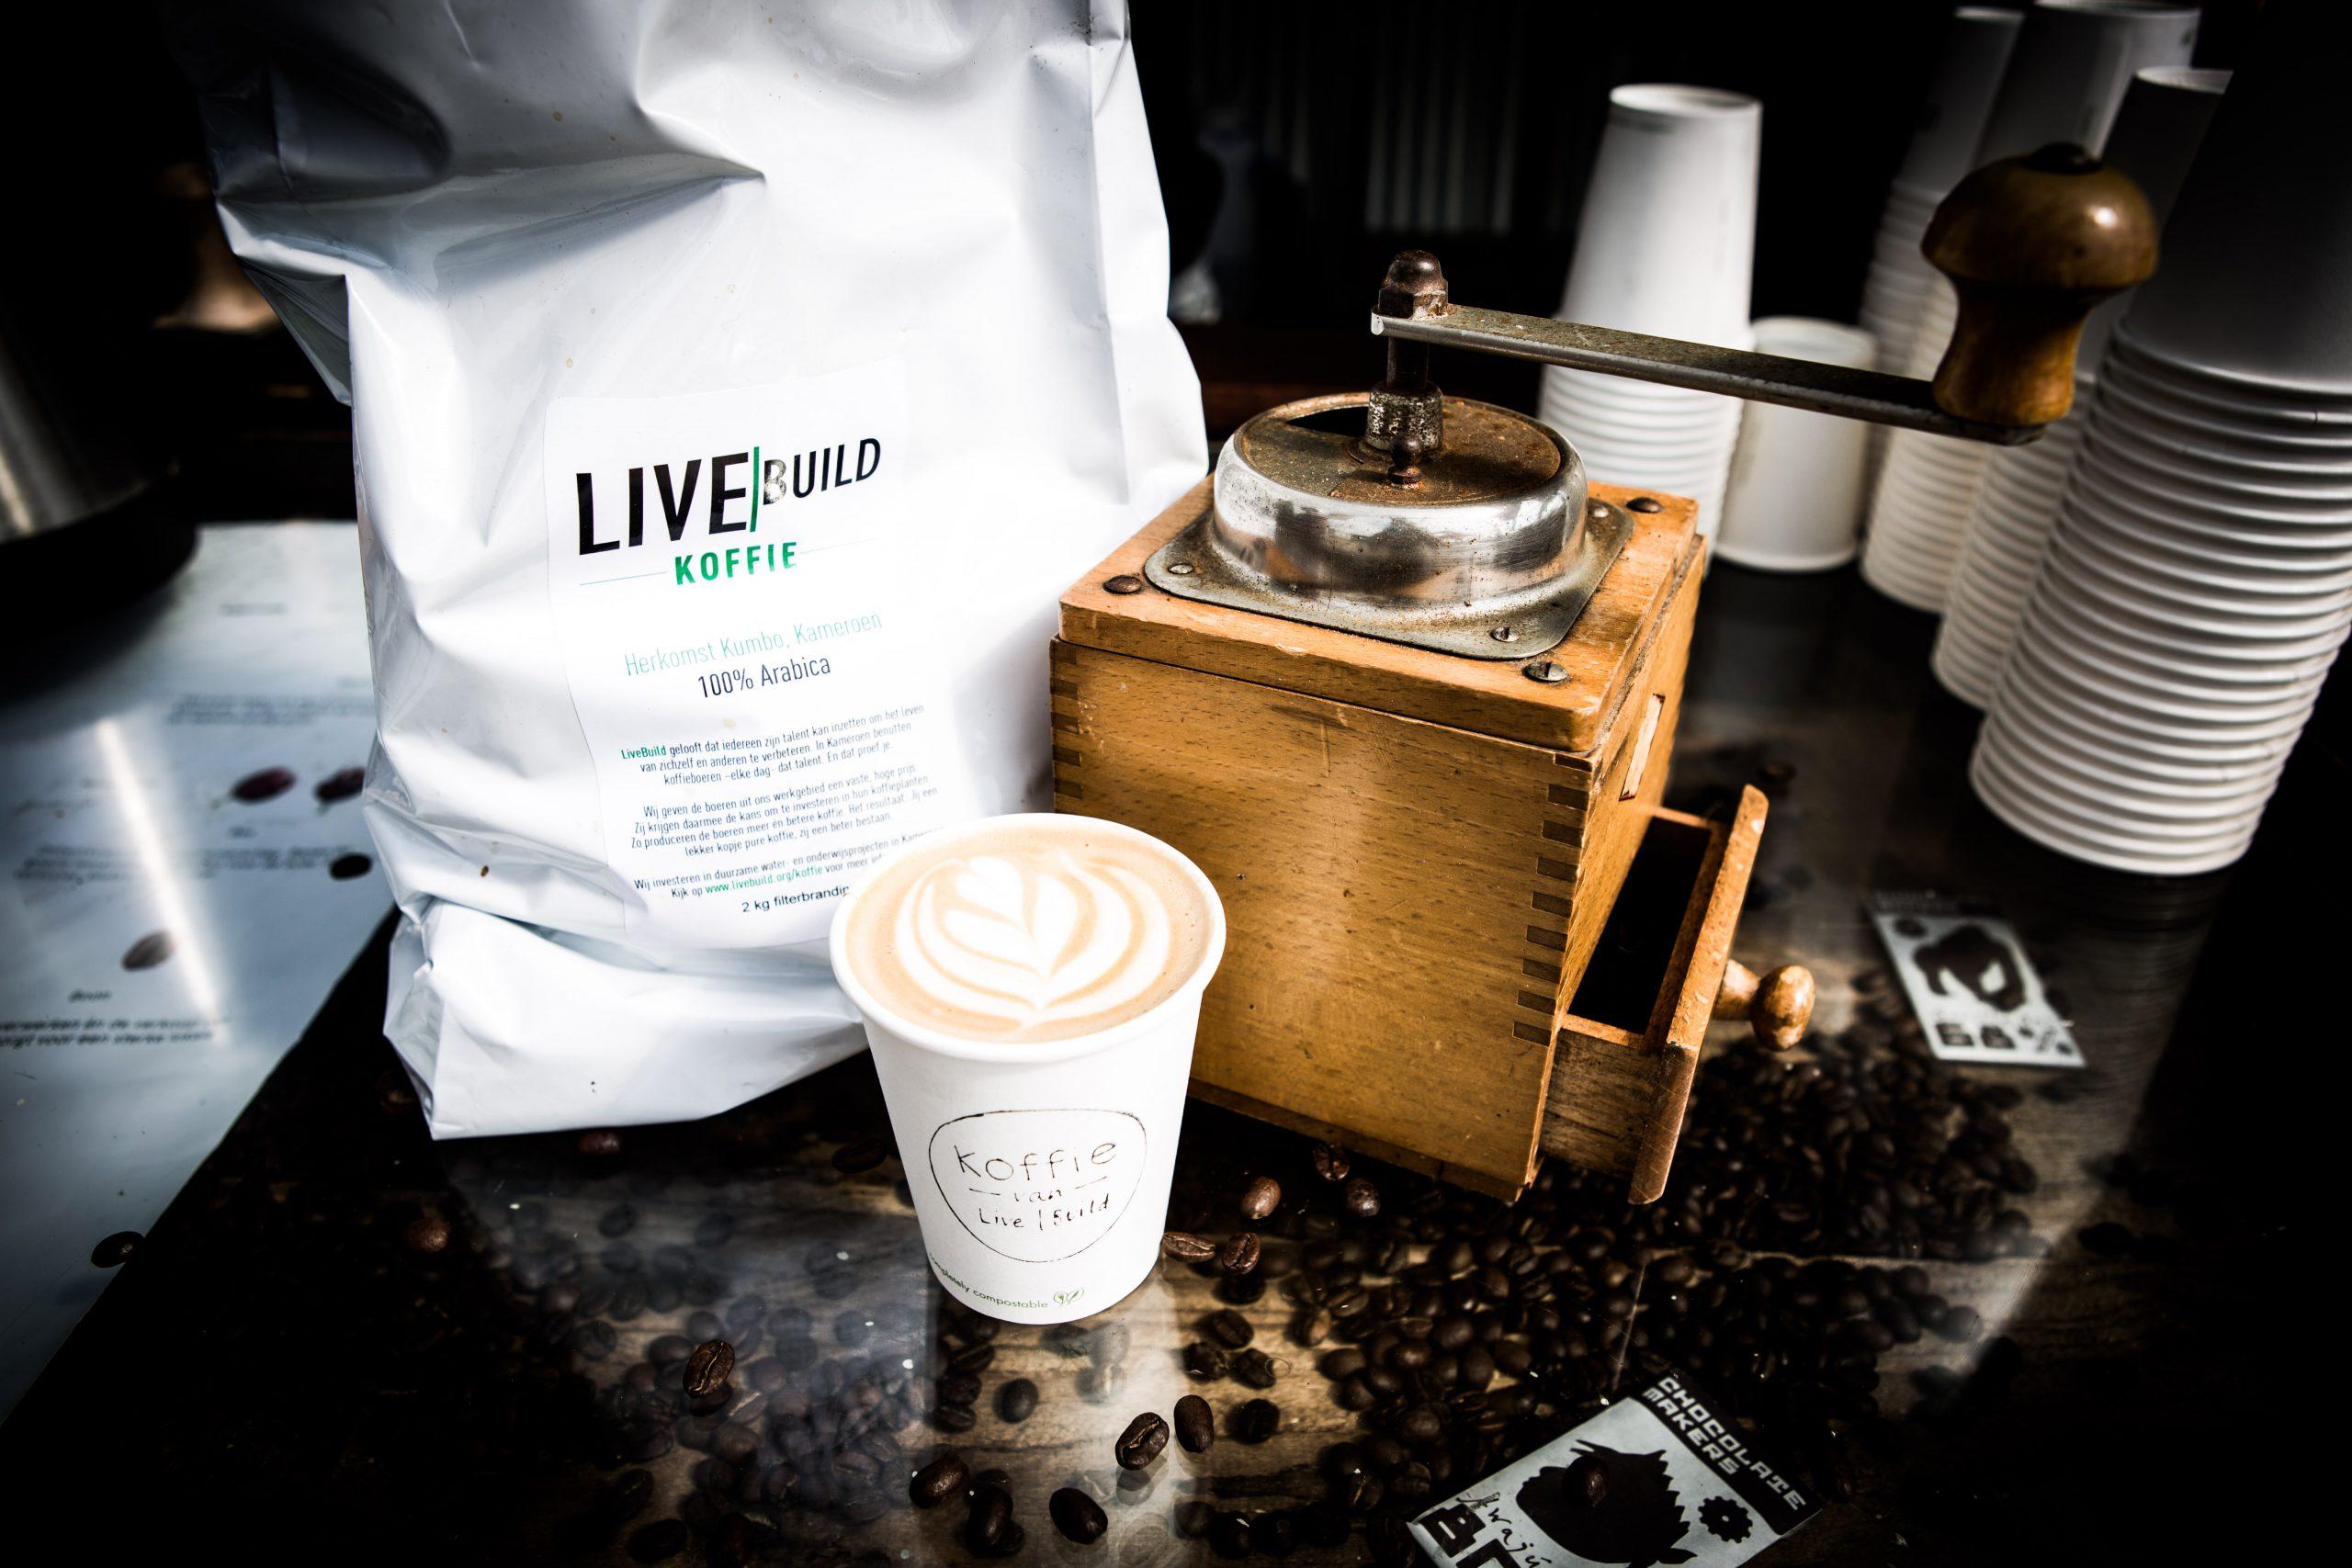 Koffie van LiveBuild op Mysteryland